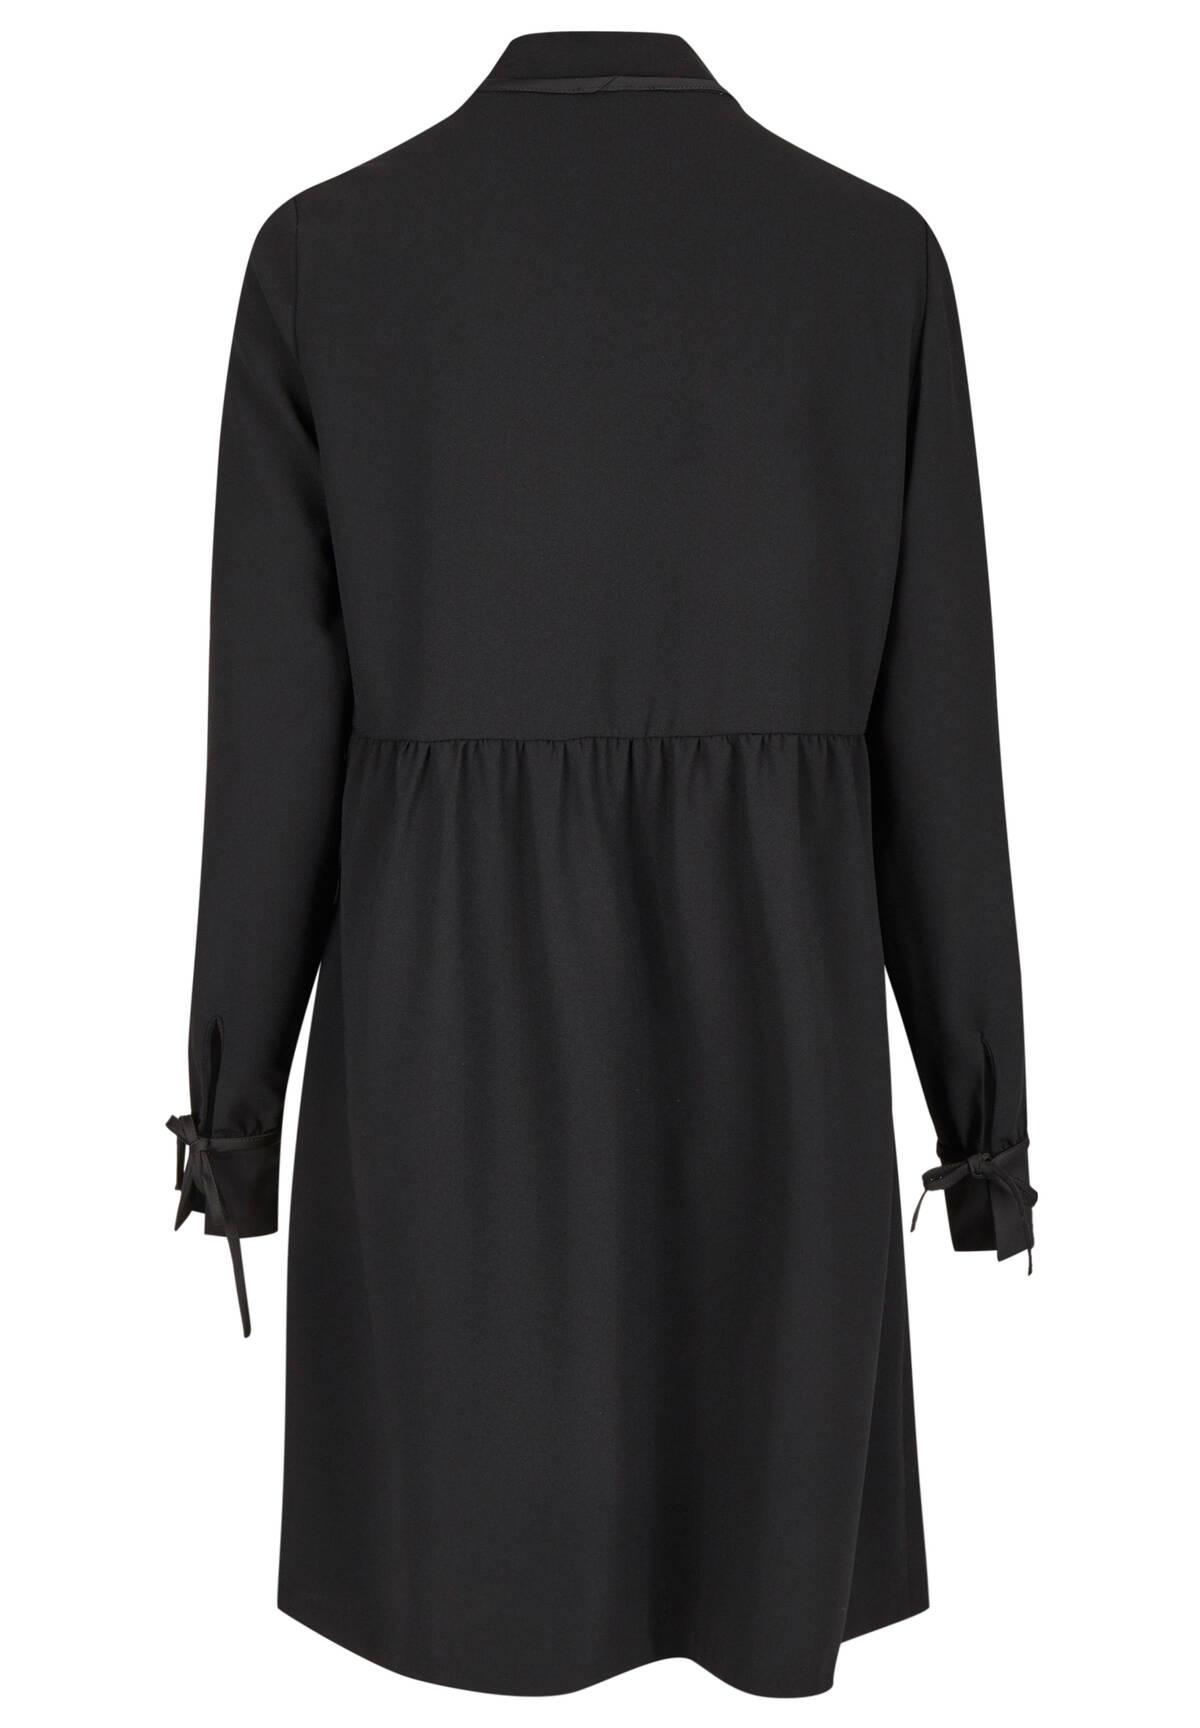 Elegantes Kleid mit Schleifen / Dress